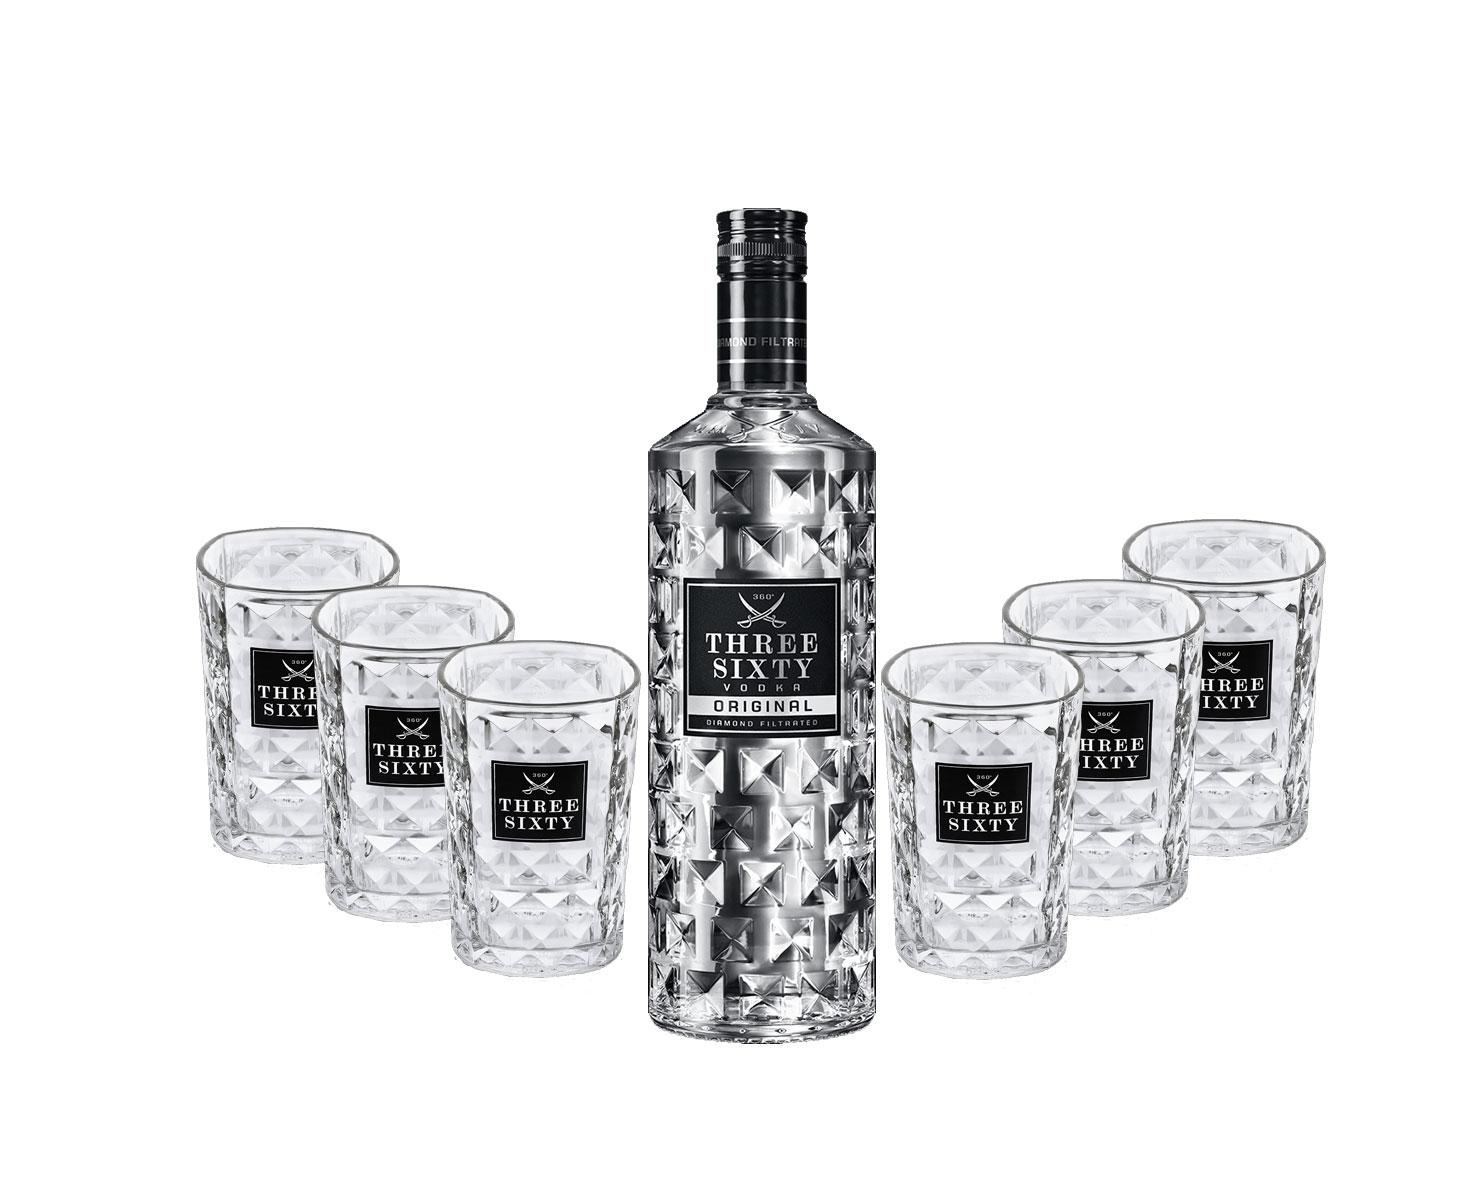 Three Sixty Set Geschenkset - Three Sixty Vodka Wodka 0,7L 700ml (37,5% Vol) + 6x Tumbler 0,2l 200ml Facettenschliff Glas- [Enthält Sulfite]